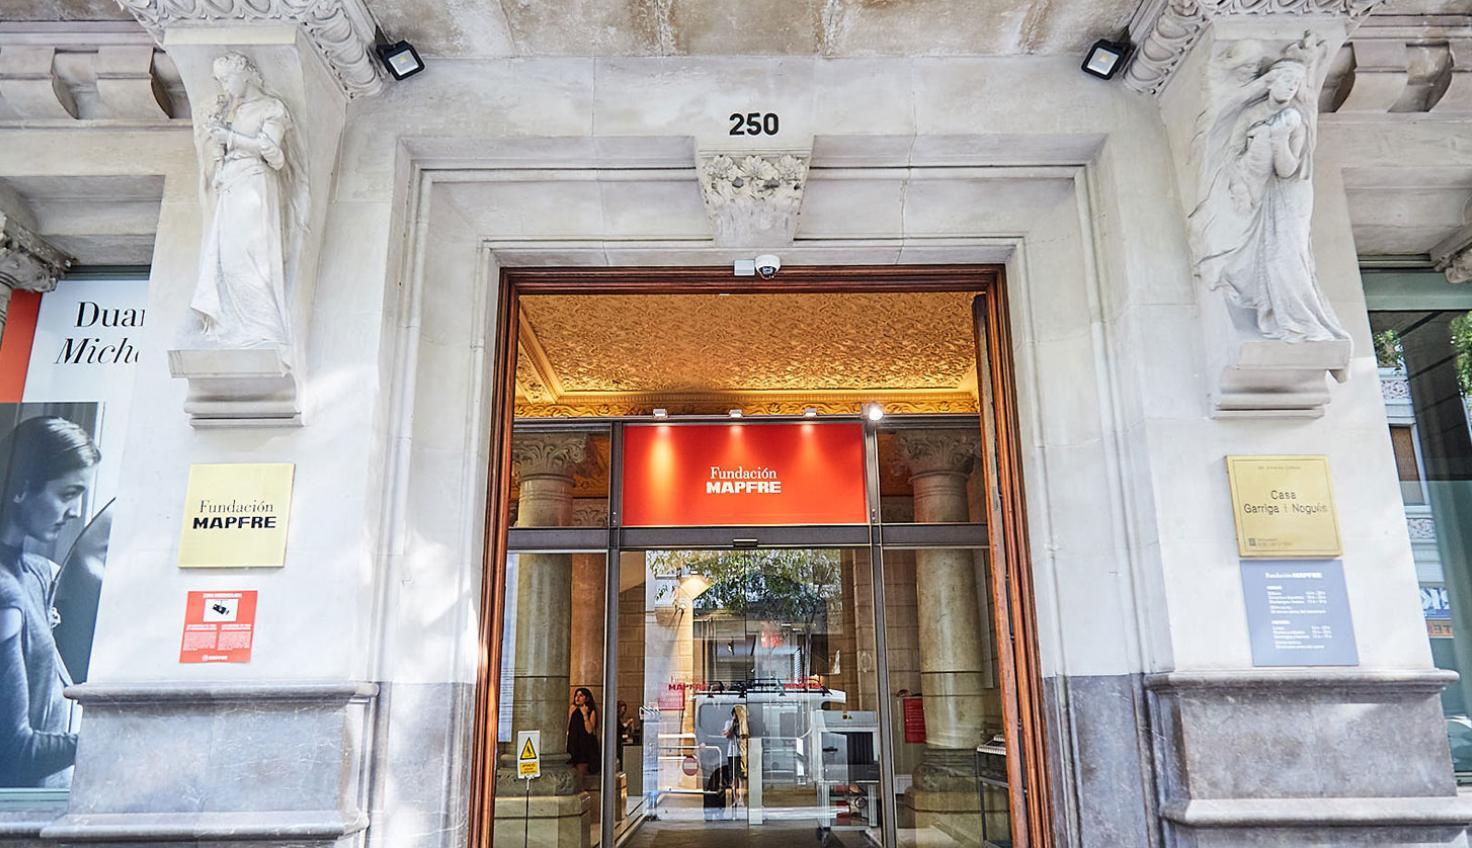 Foto Fondazione MAPFRE